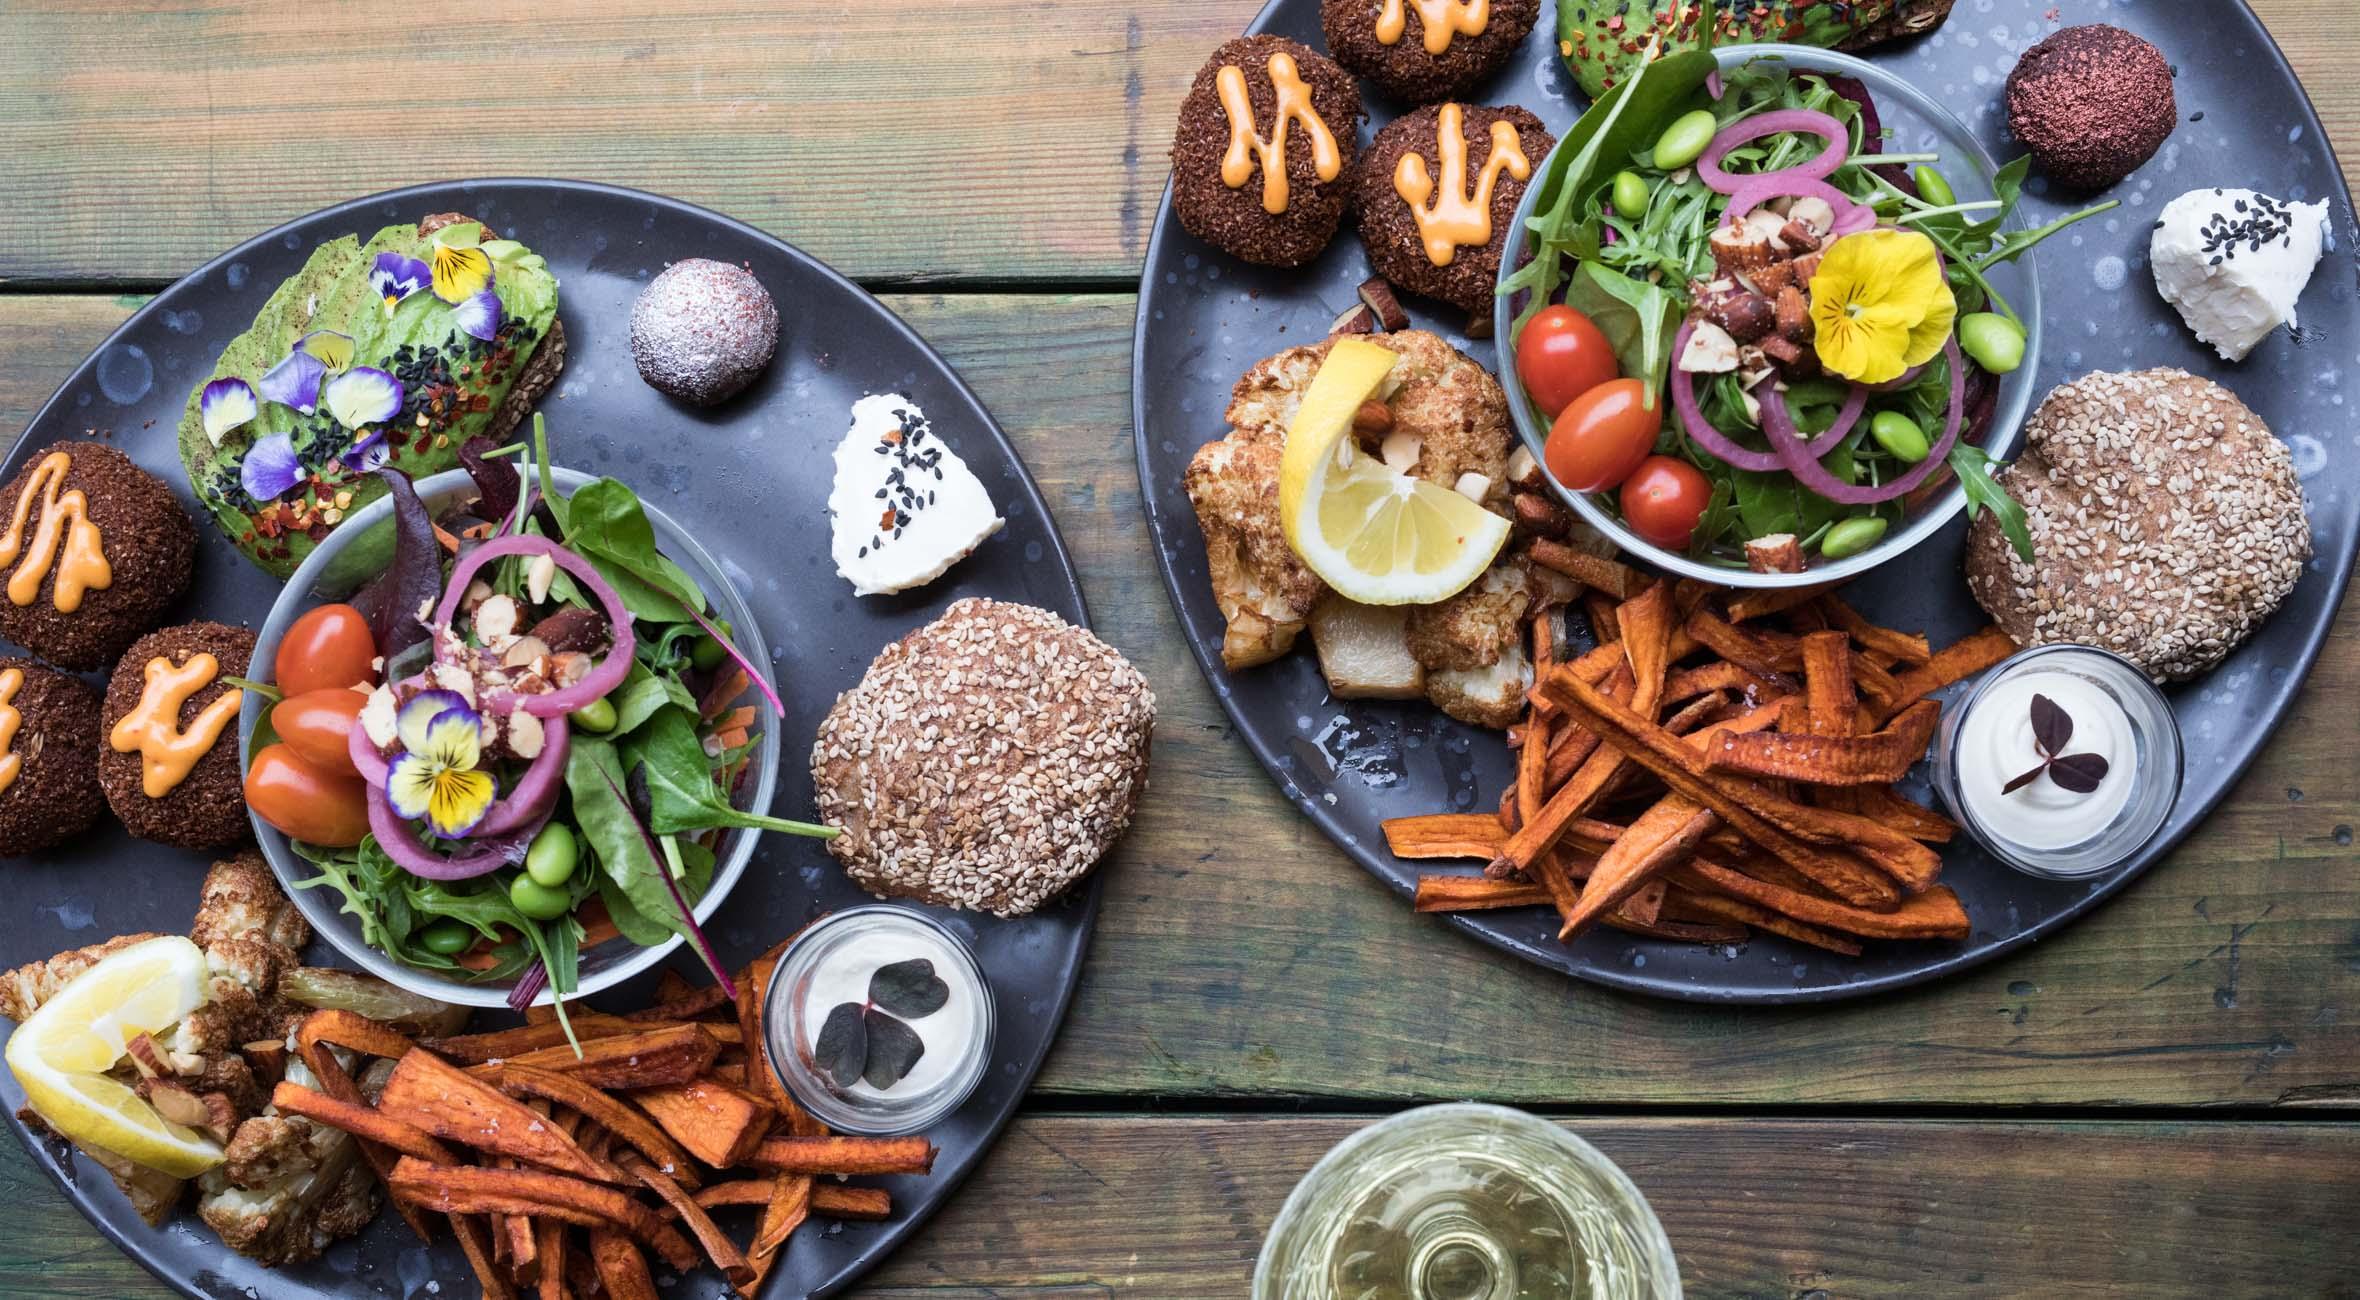 Love Plate hos The Organic Boho på Christianshavn – Nyd bløde bohemian vibes og det vildeste veganske, byen kan præstere